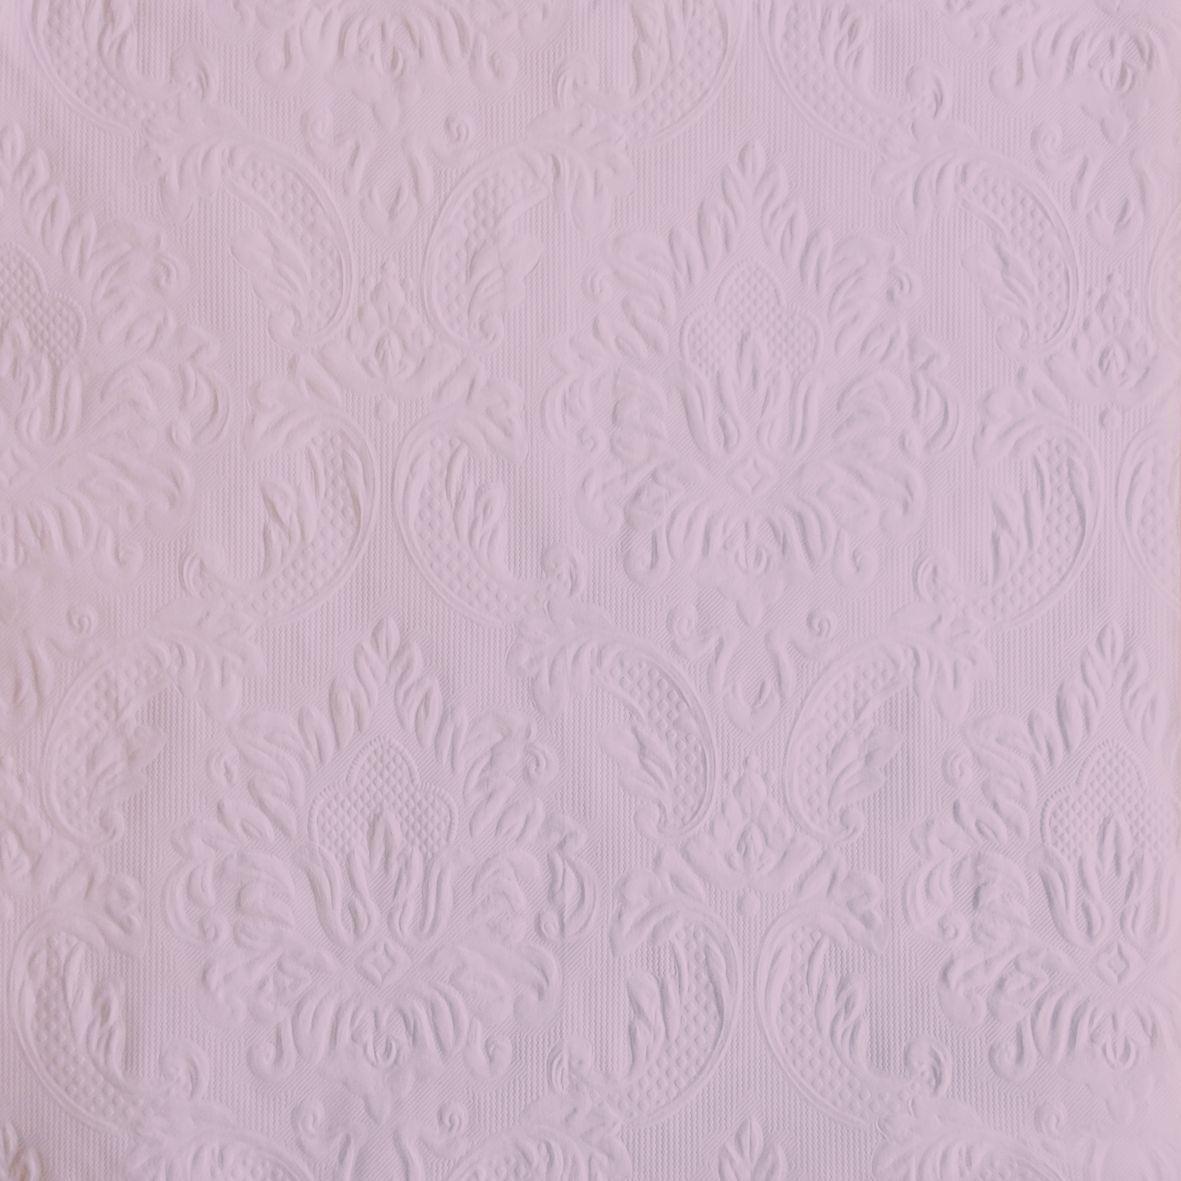 Салфетки бумажные Duni, 3-слойные, с тиснением, цвет: розовый, 33 х 33 см, 20 шт170907Трехслойные бумажные салфетки Duni изготовлены из экологически чистого, высококачественного сырья - 100% целлюлозы. Они выполнены в оригинальном и современном стиле, прекрасно сочетаются с любым интерьером и всегда будут прекрасным и незаменимым украшением стола.Размер салфеток: 33 х 33 см.